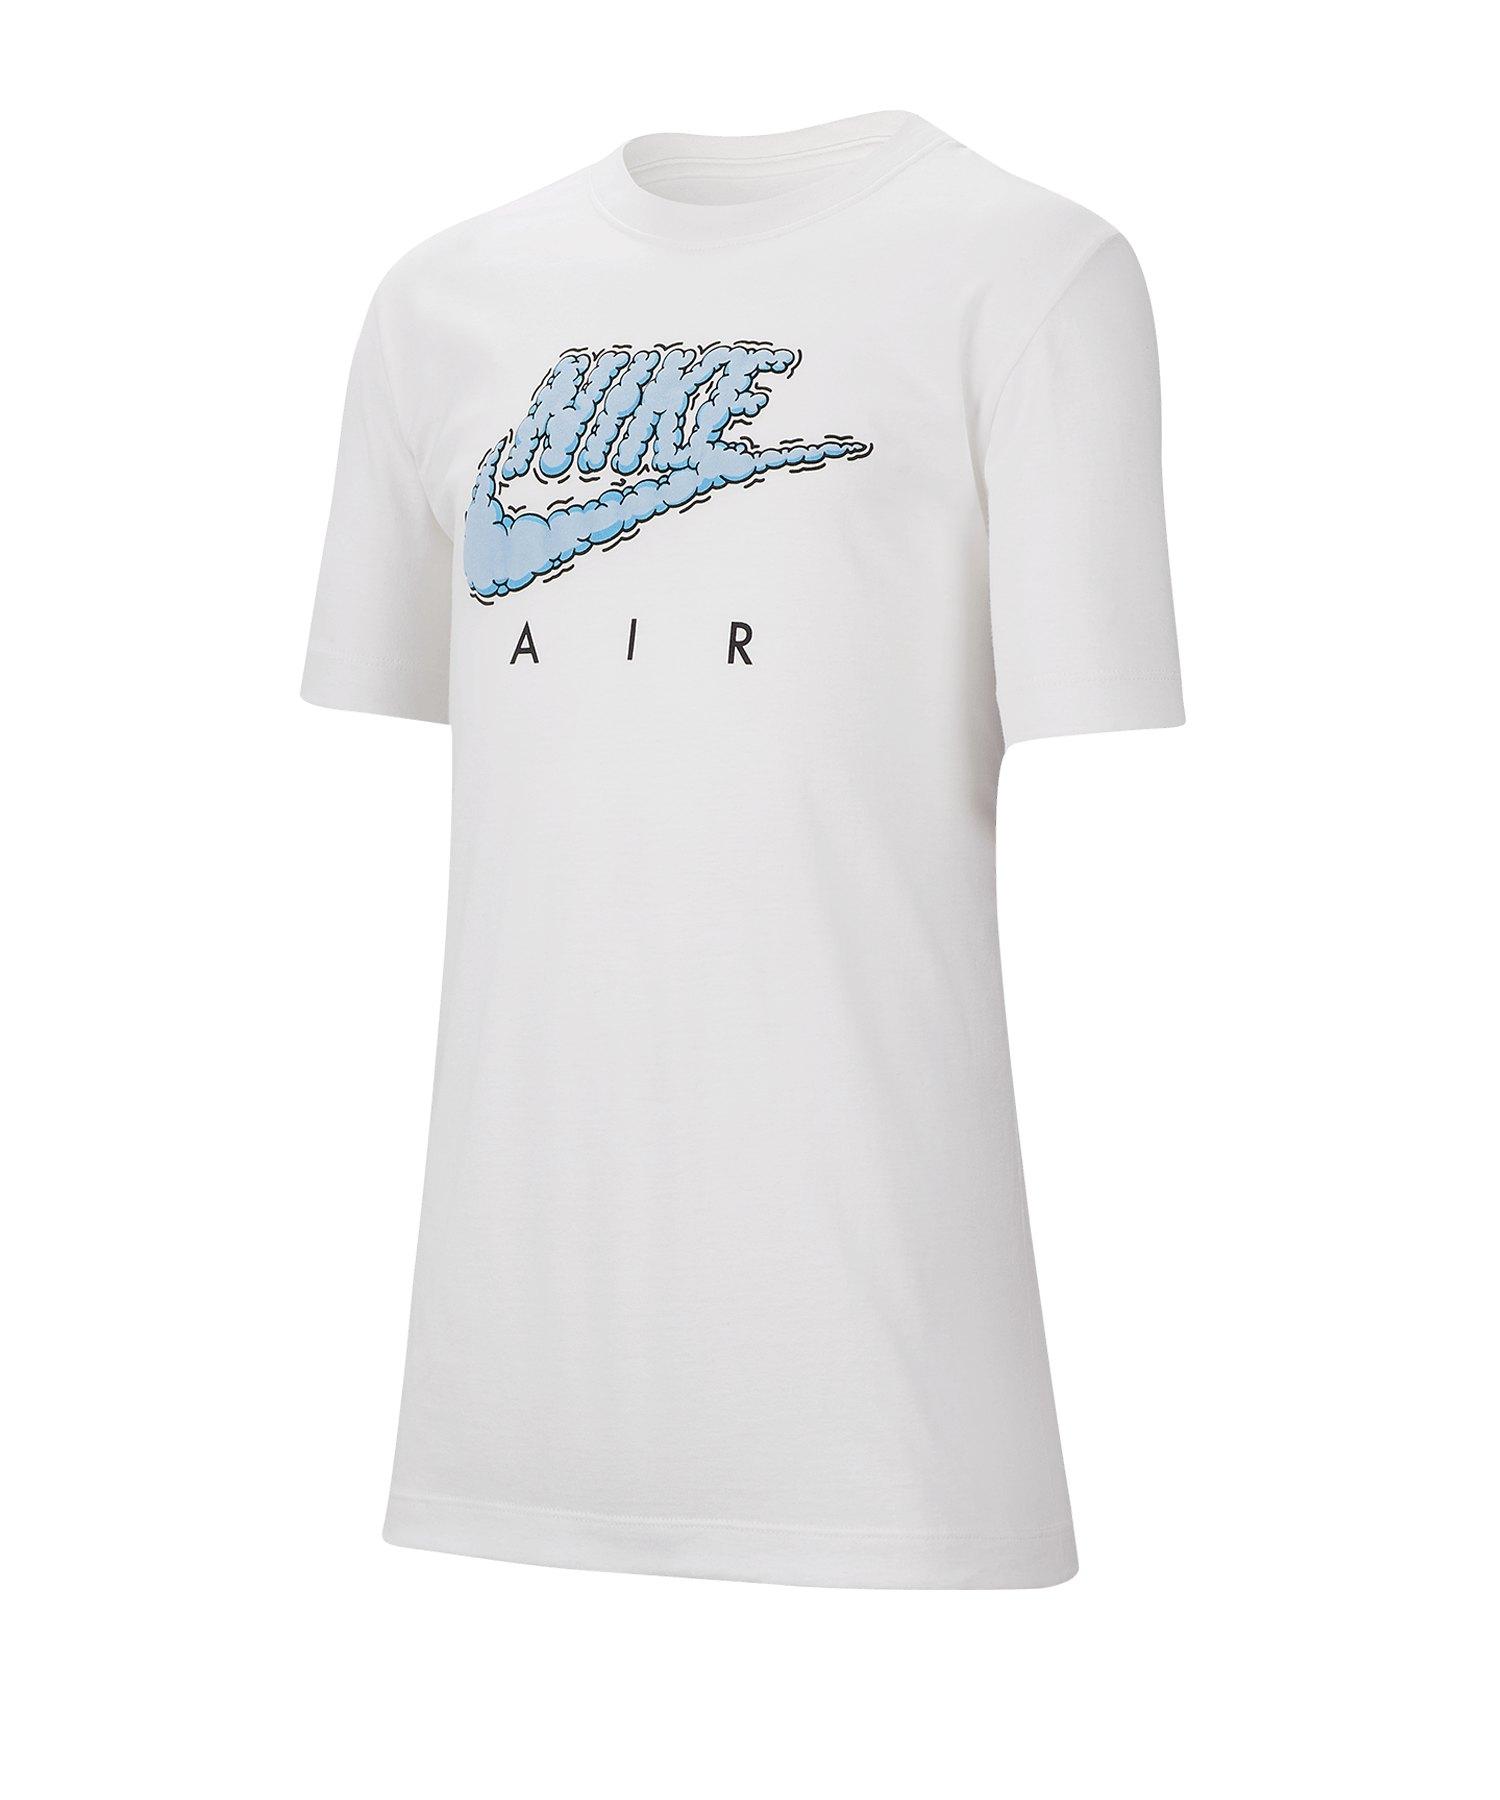 Nike Air T-Shirt Kids Weiss F100 - weiss